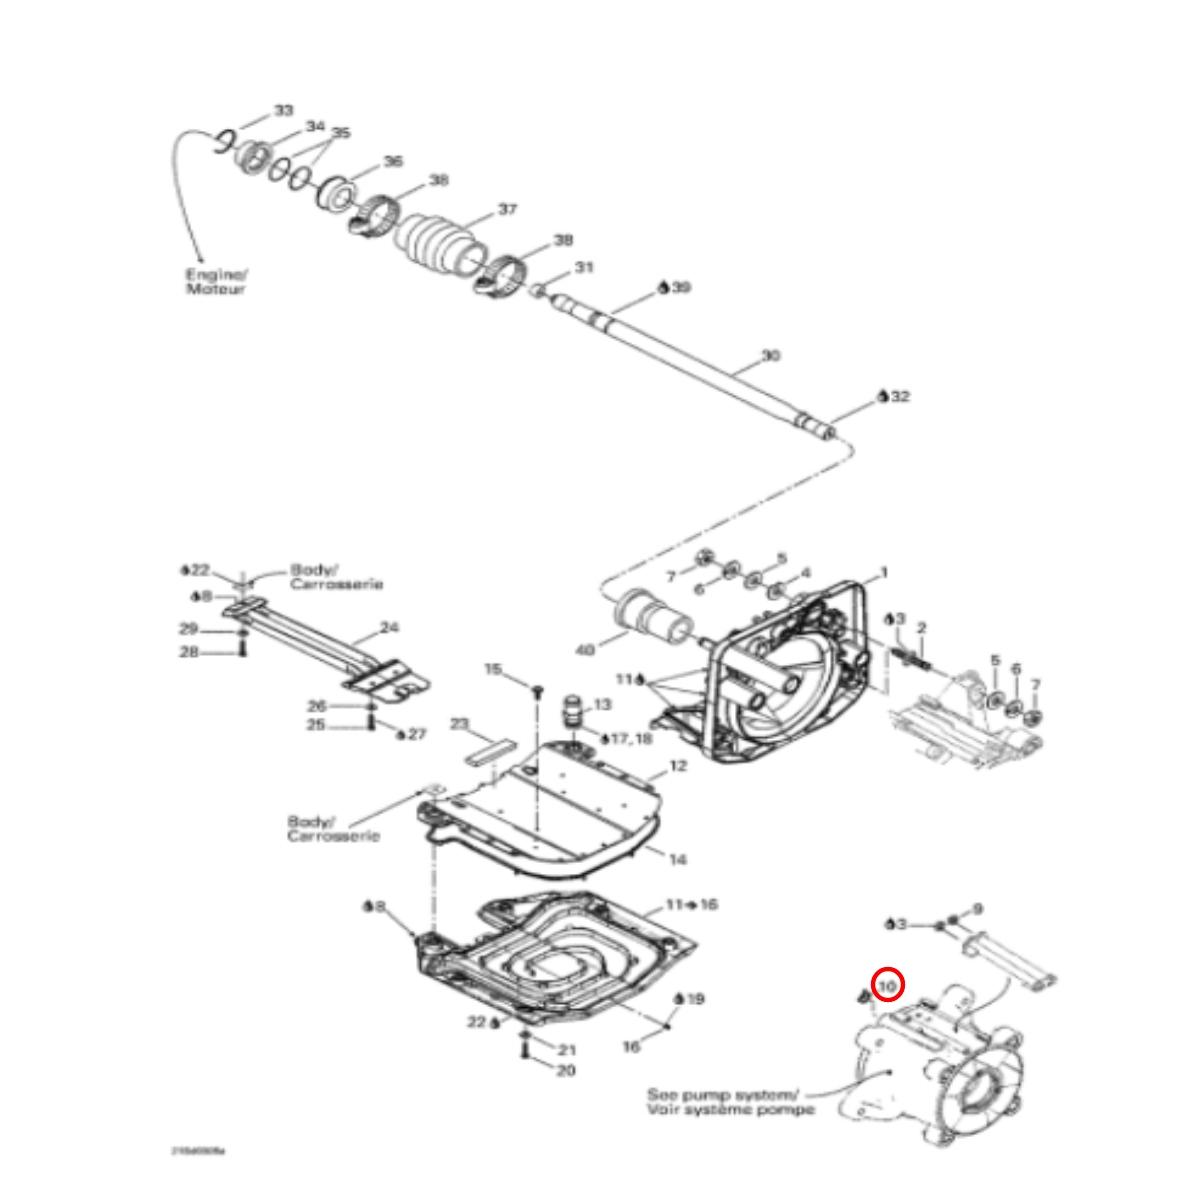 Anel de Vedação da Turbina Sea Doo 4 Tec (Redutor)  - Radical Peças - Peças para Jet Ski